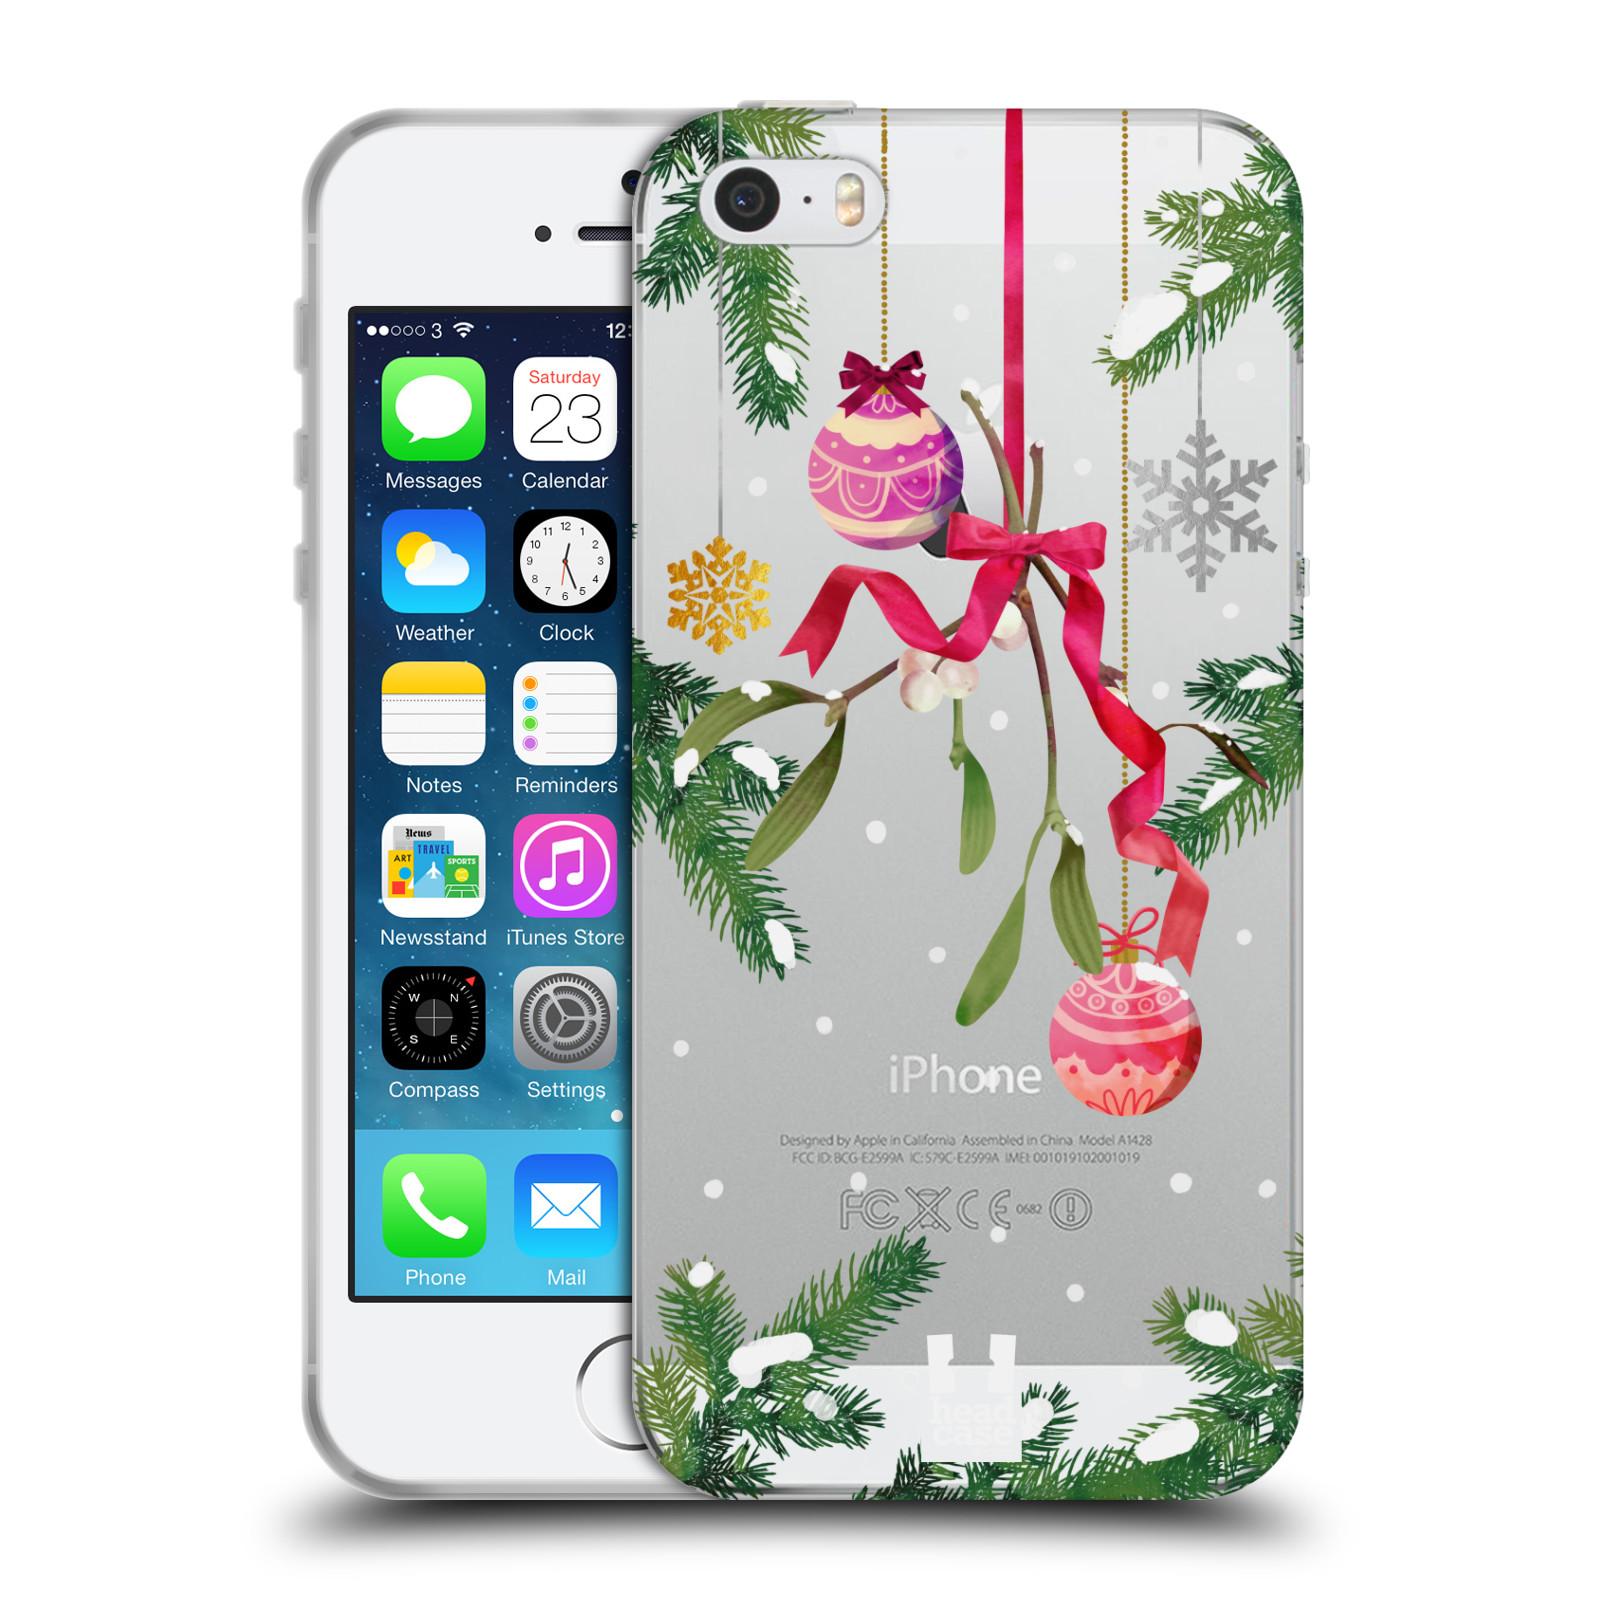 Silikonové pouzdro na mobil Apple iPhone 5, 5S, SE - Head Case - Větvičky a vánoční ozdoby